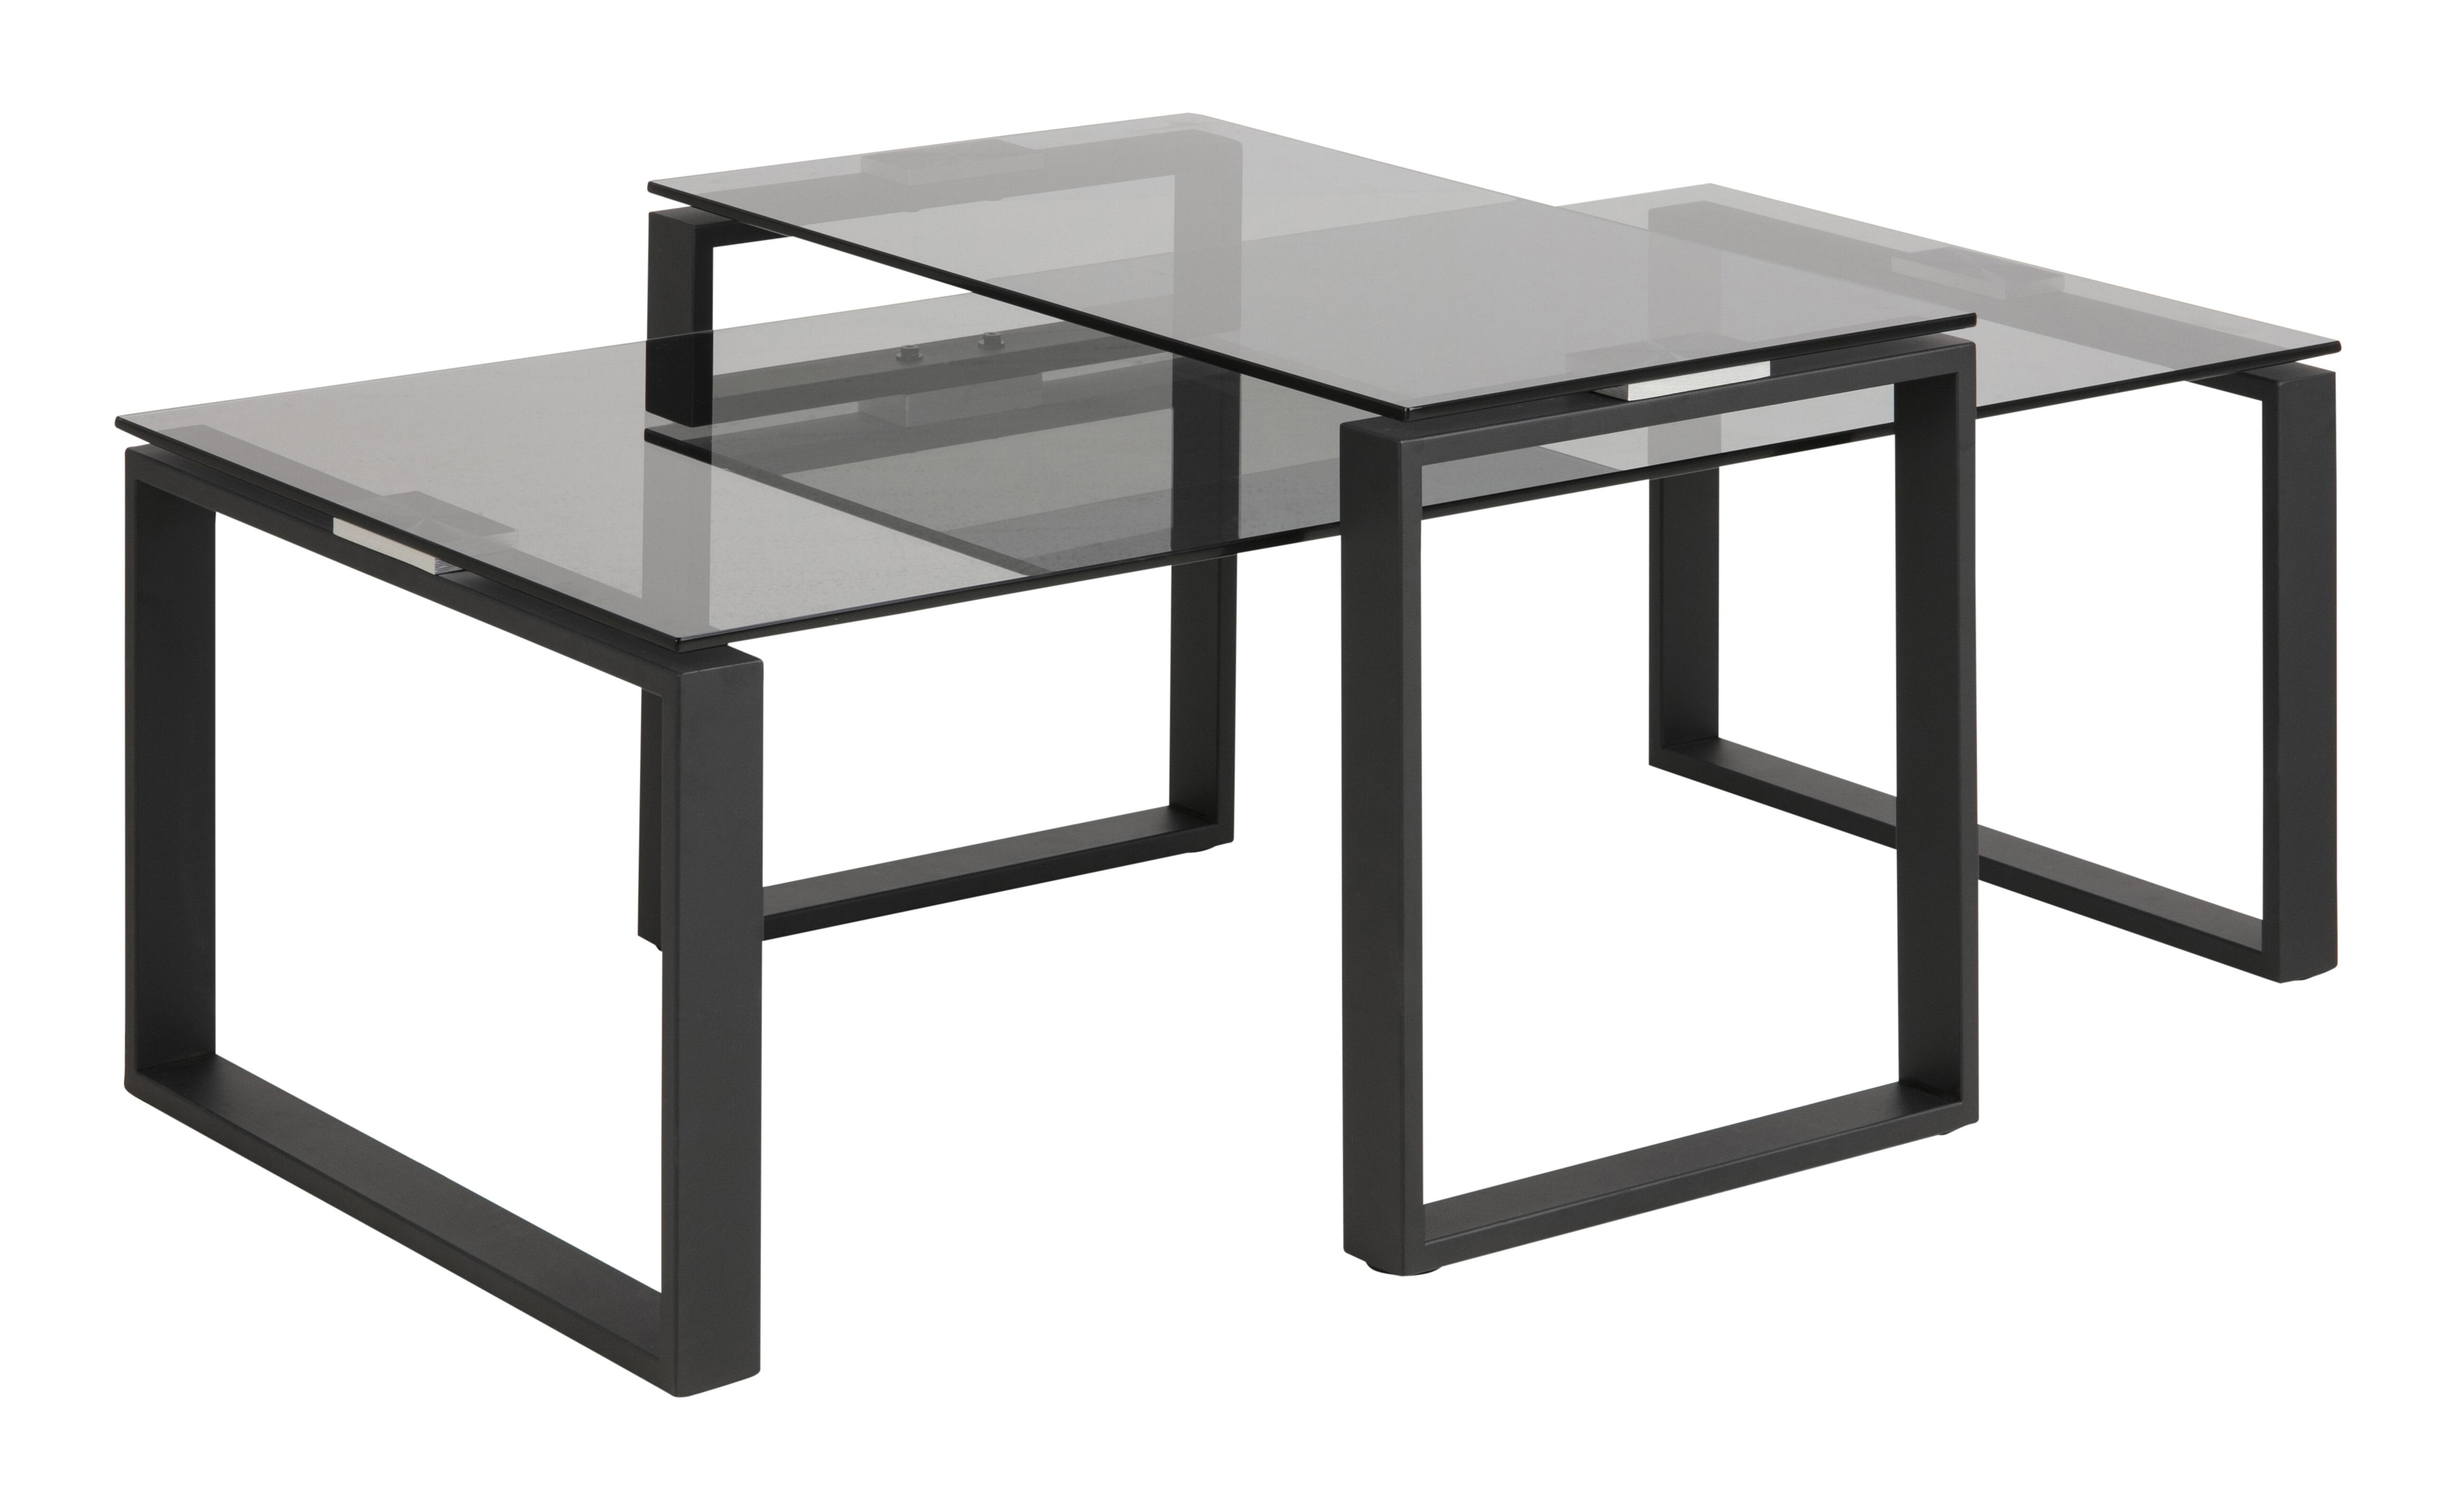 Bendt Salontafel 'Lone', Set van 2 stuks, 115 x 69cm met voordeel snel in huis via Meubel Partner